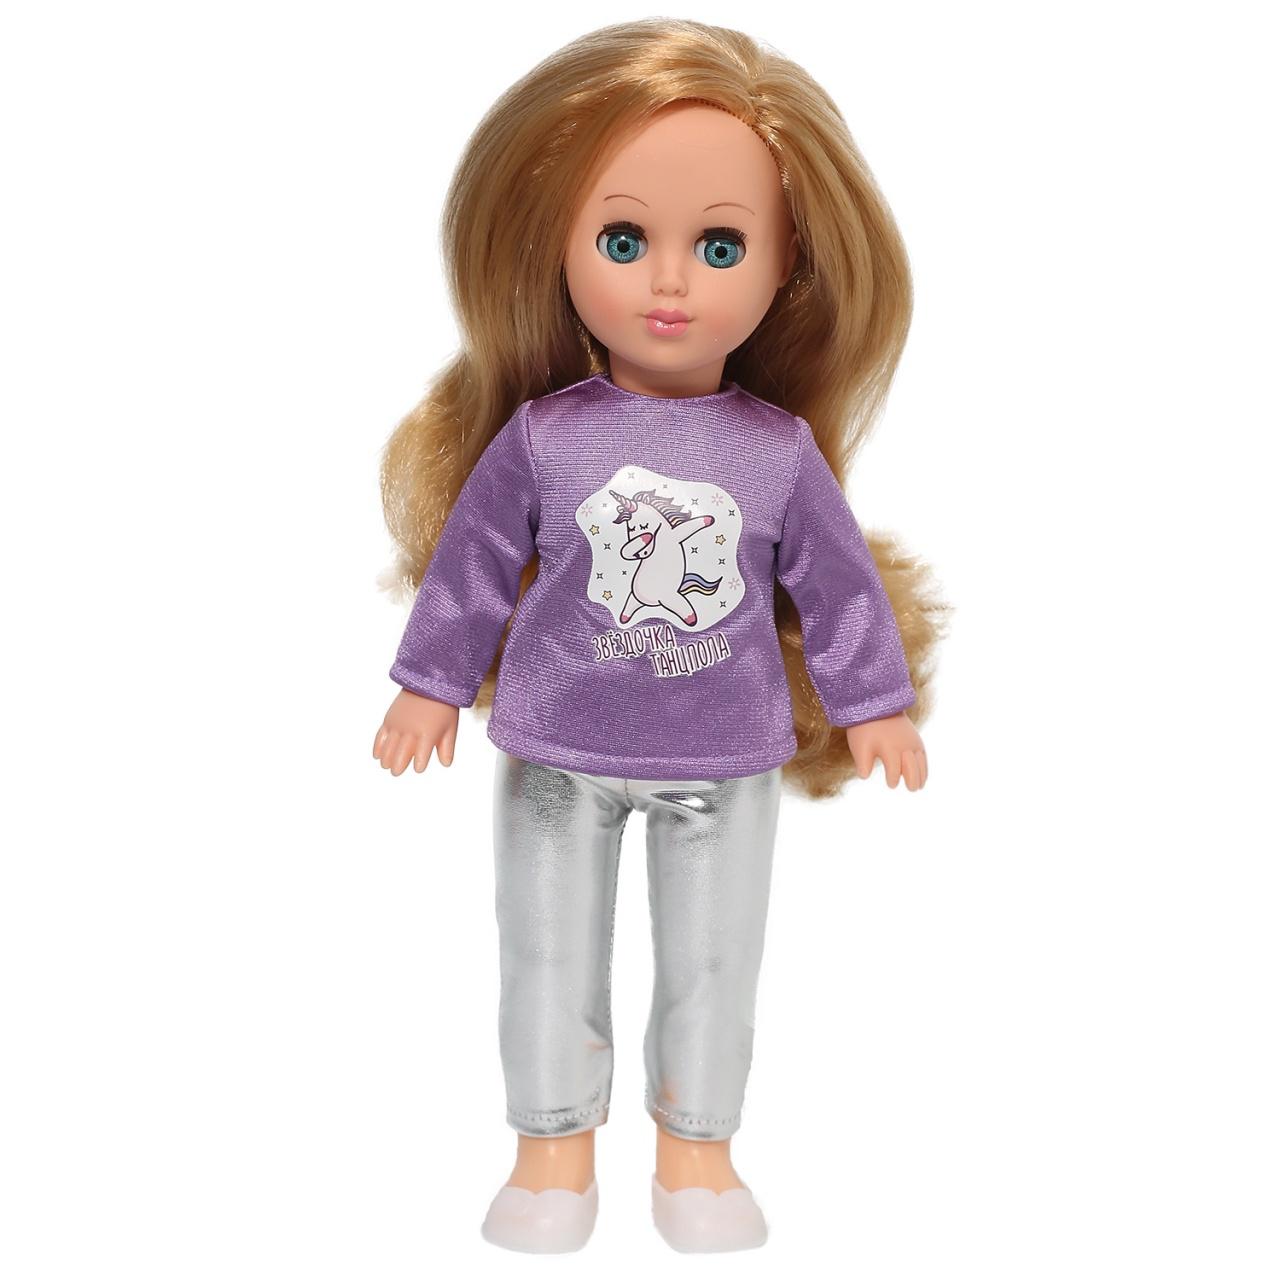 Кукла Алла Модница-2 35см, Весна - фото 1